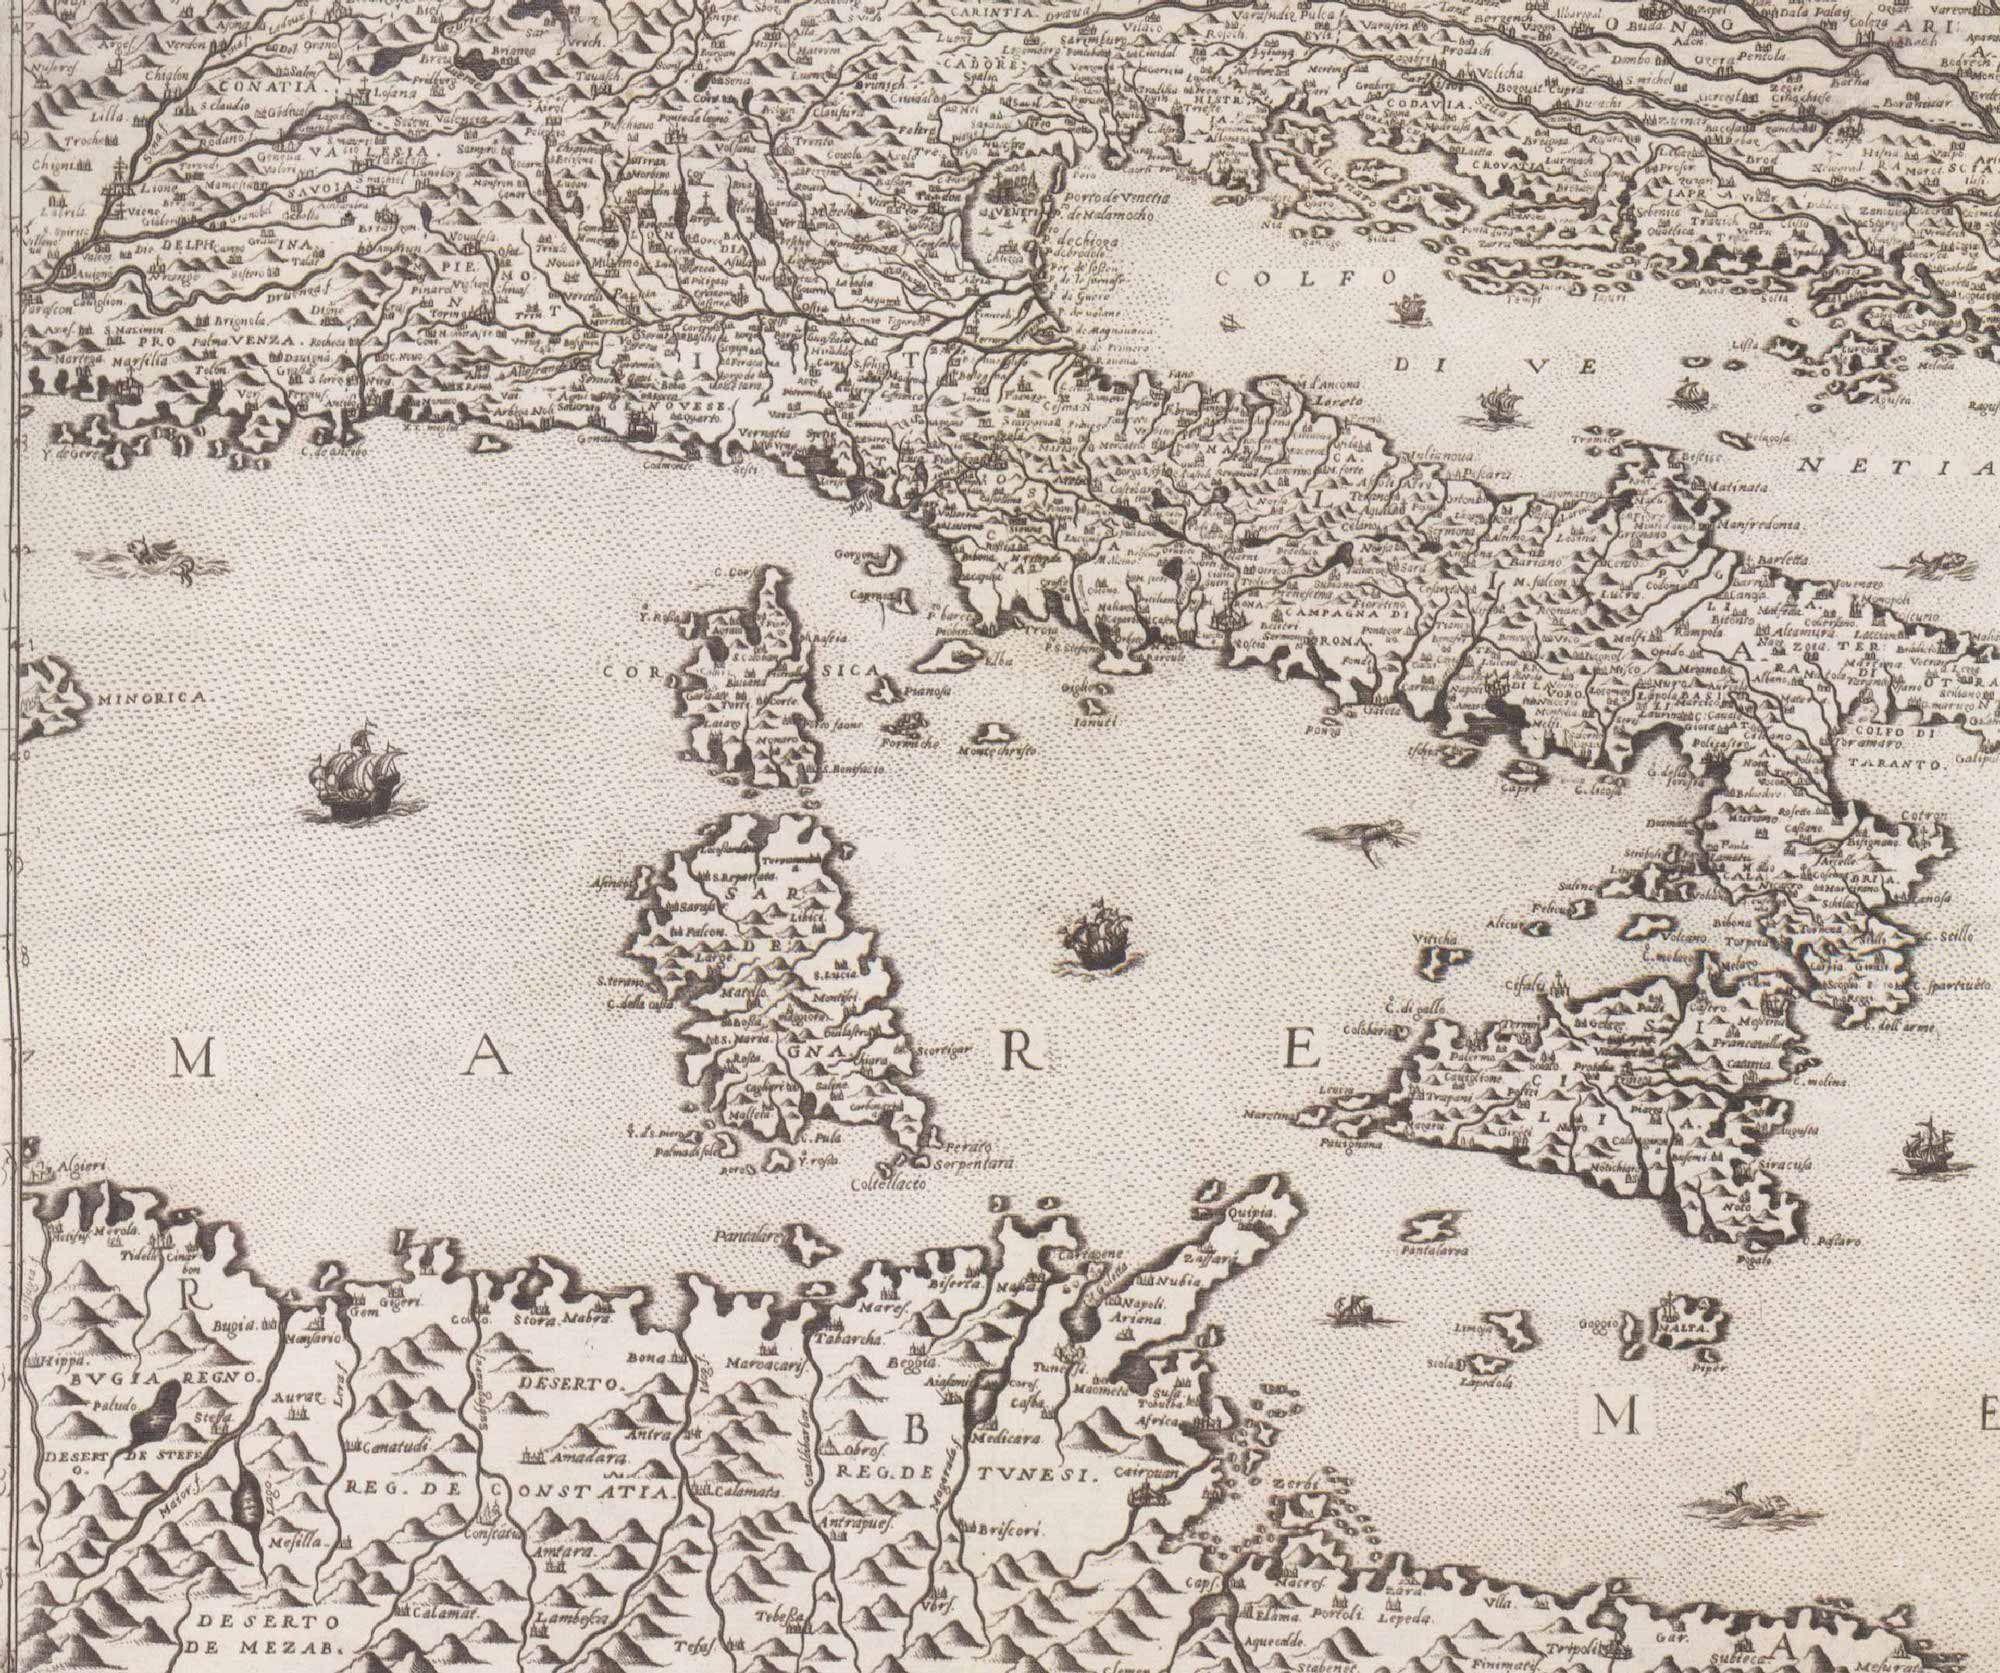 G.F. Camocio, particolare da una carta dell'Europa in 12 fogli, Venezia 1573.